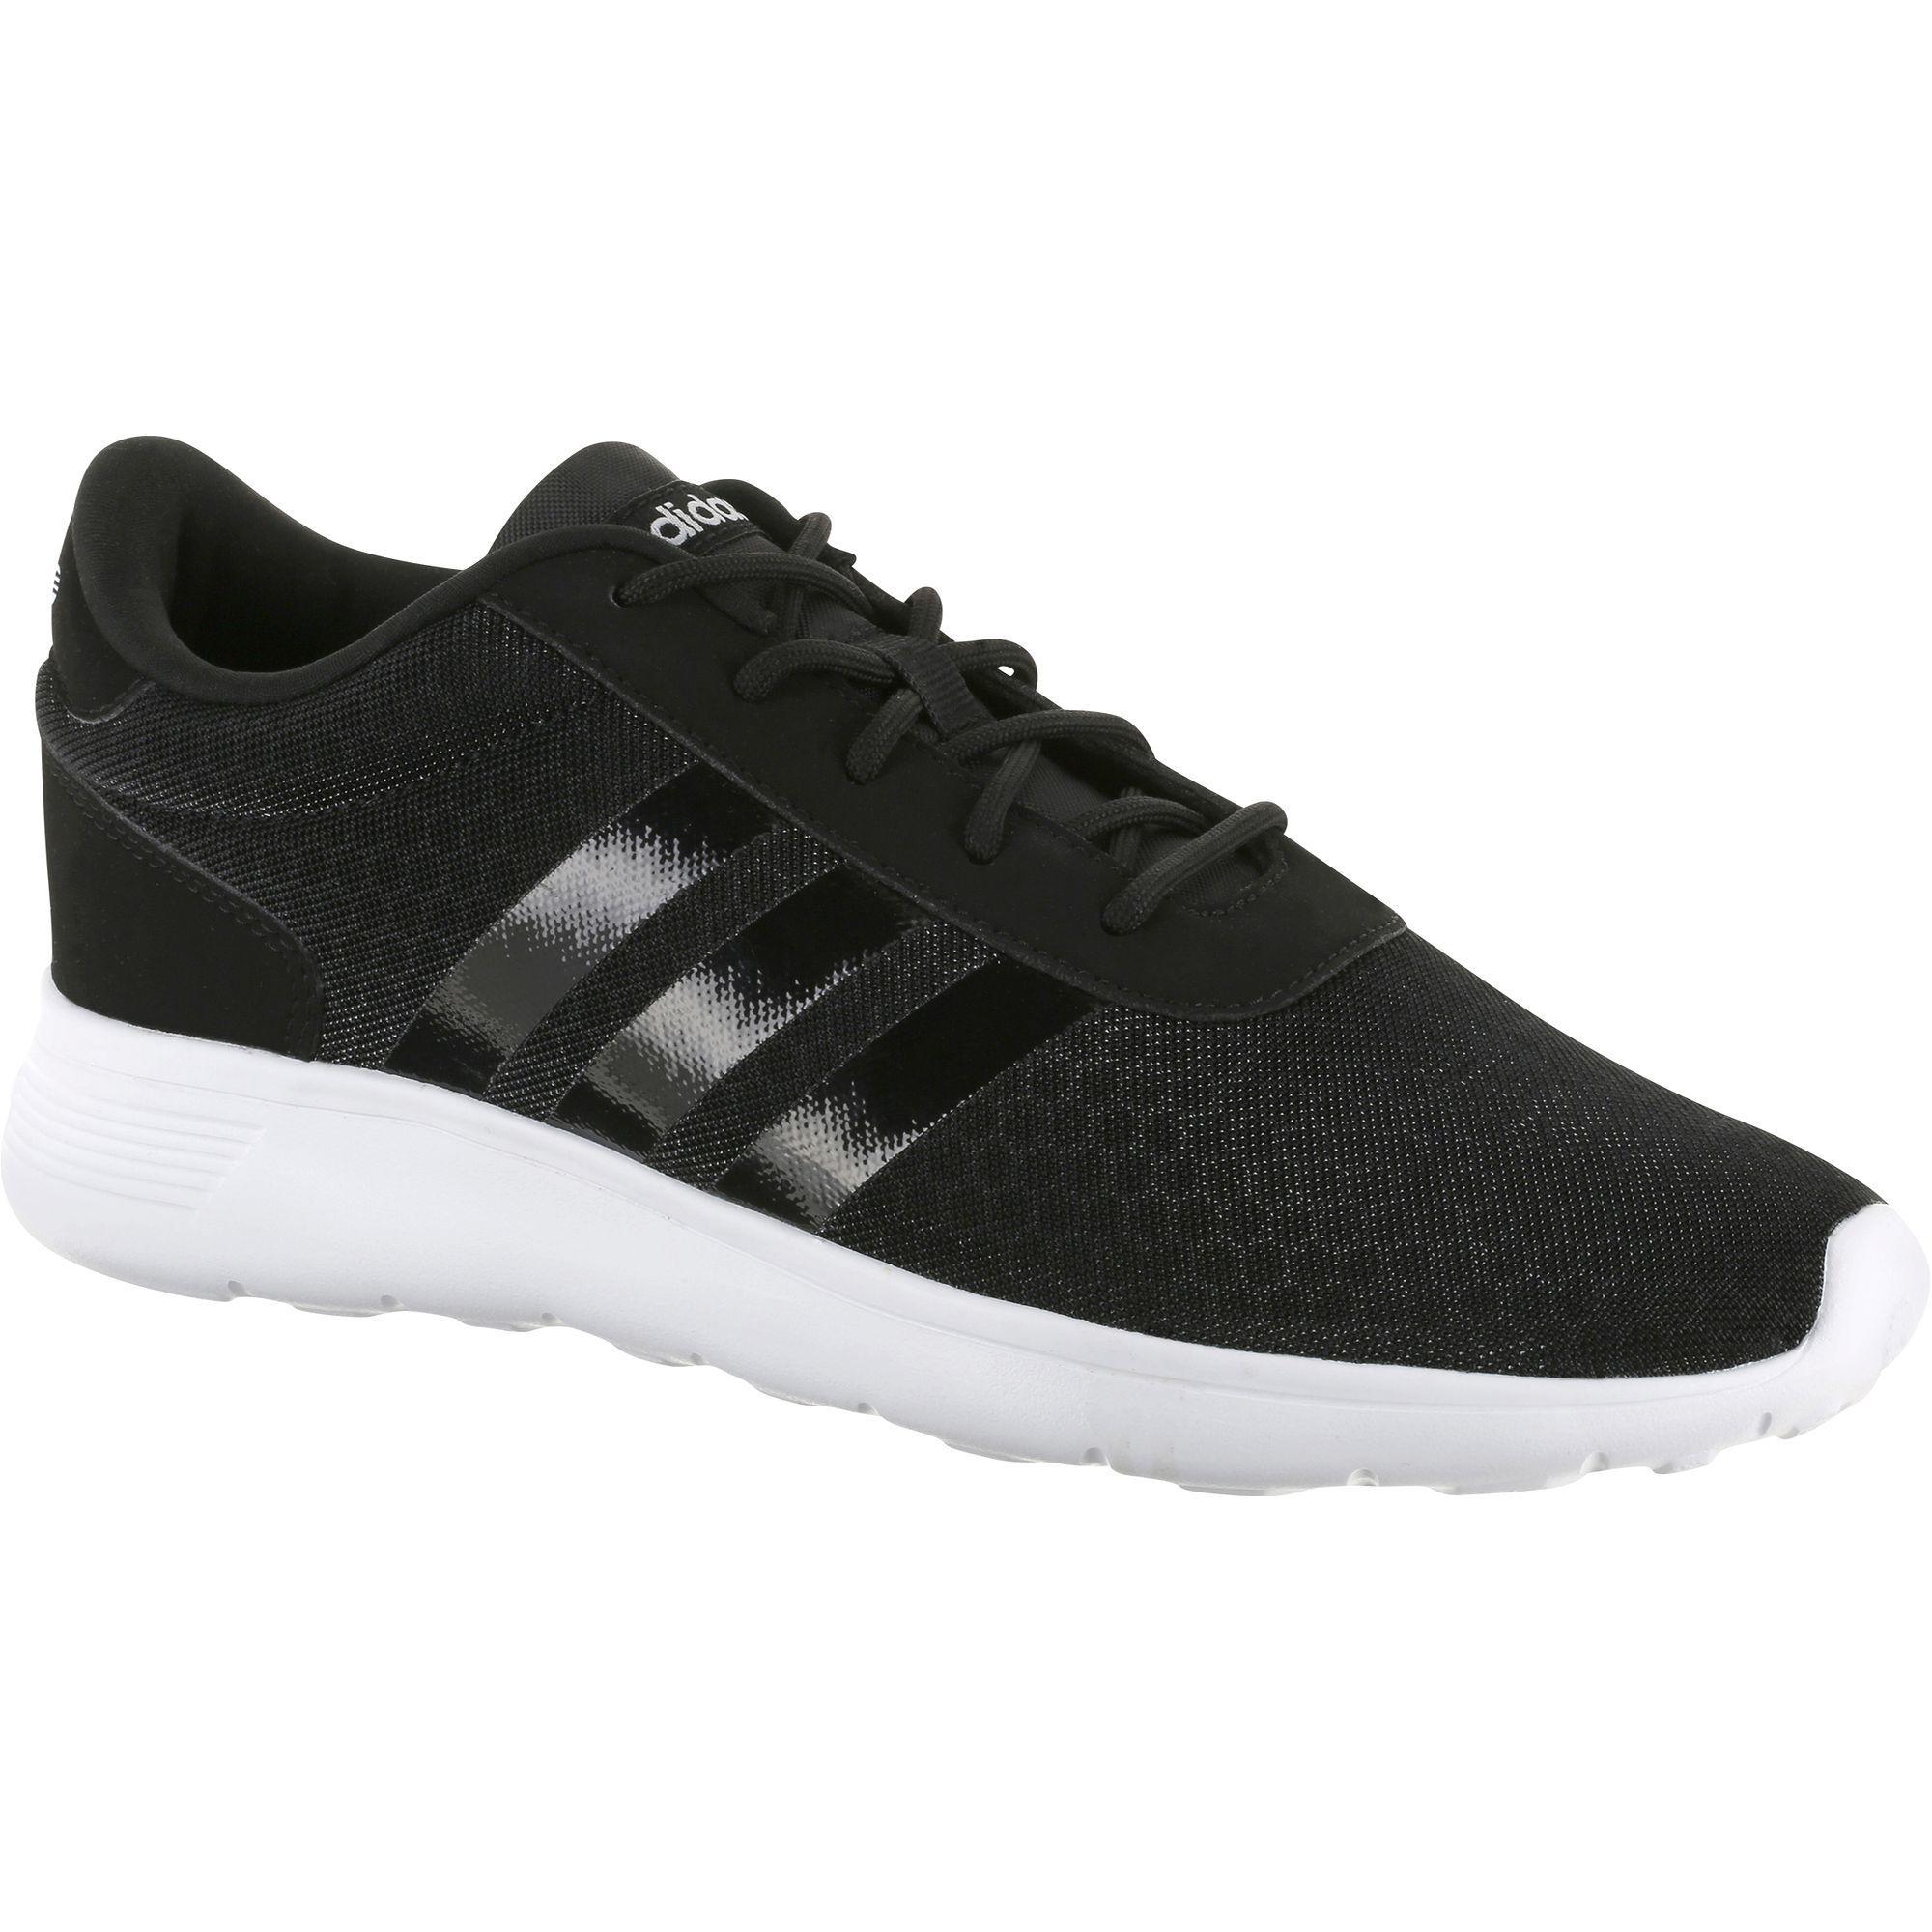 c588a0214 Adidas